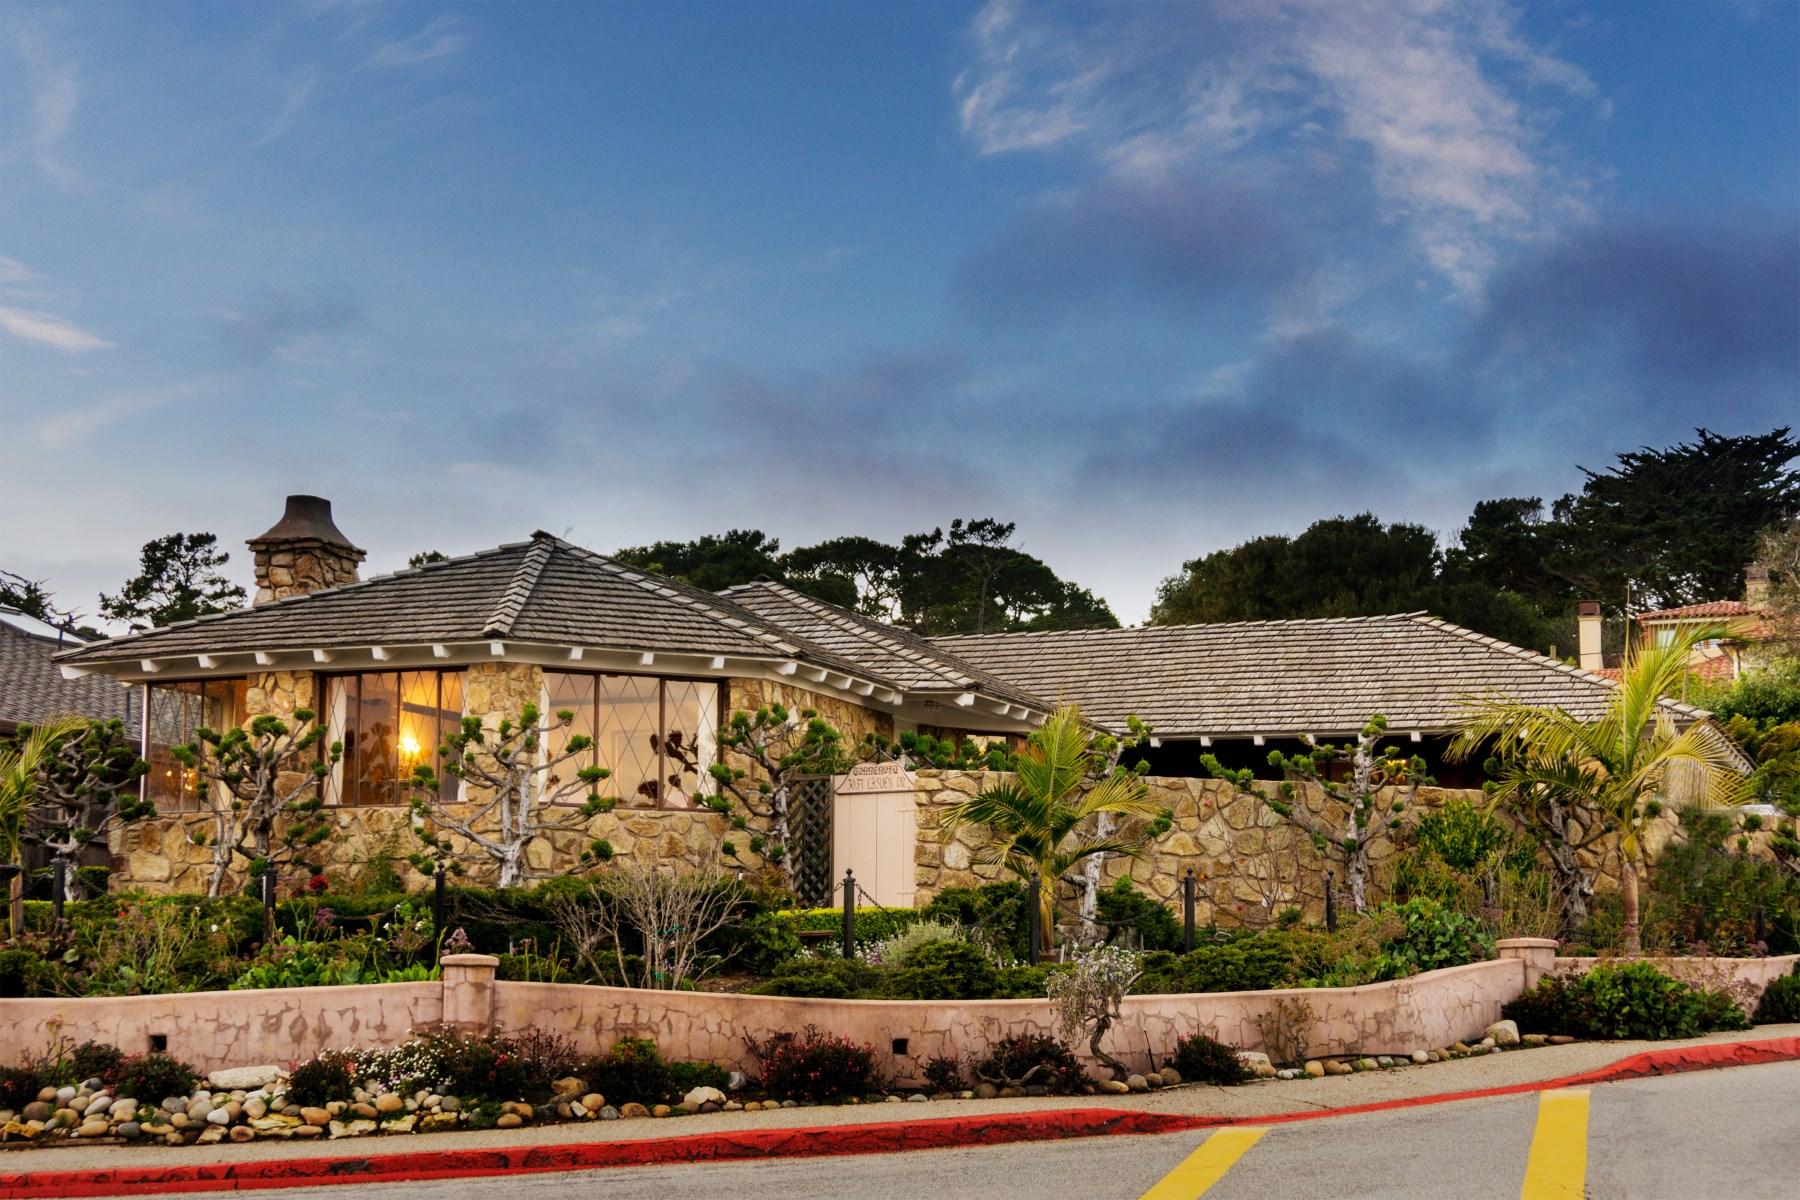 단독 가정 주택 용 매매 에 Prominent Home by the Carmel Mission 3037 Lasuen Drive Carmel, 캘리포니아, 93923 미국